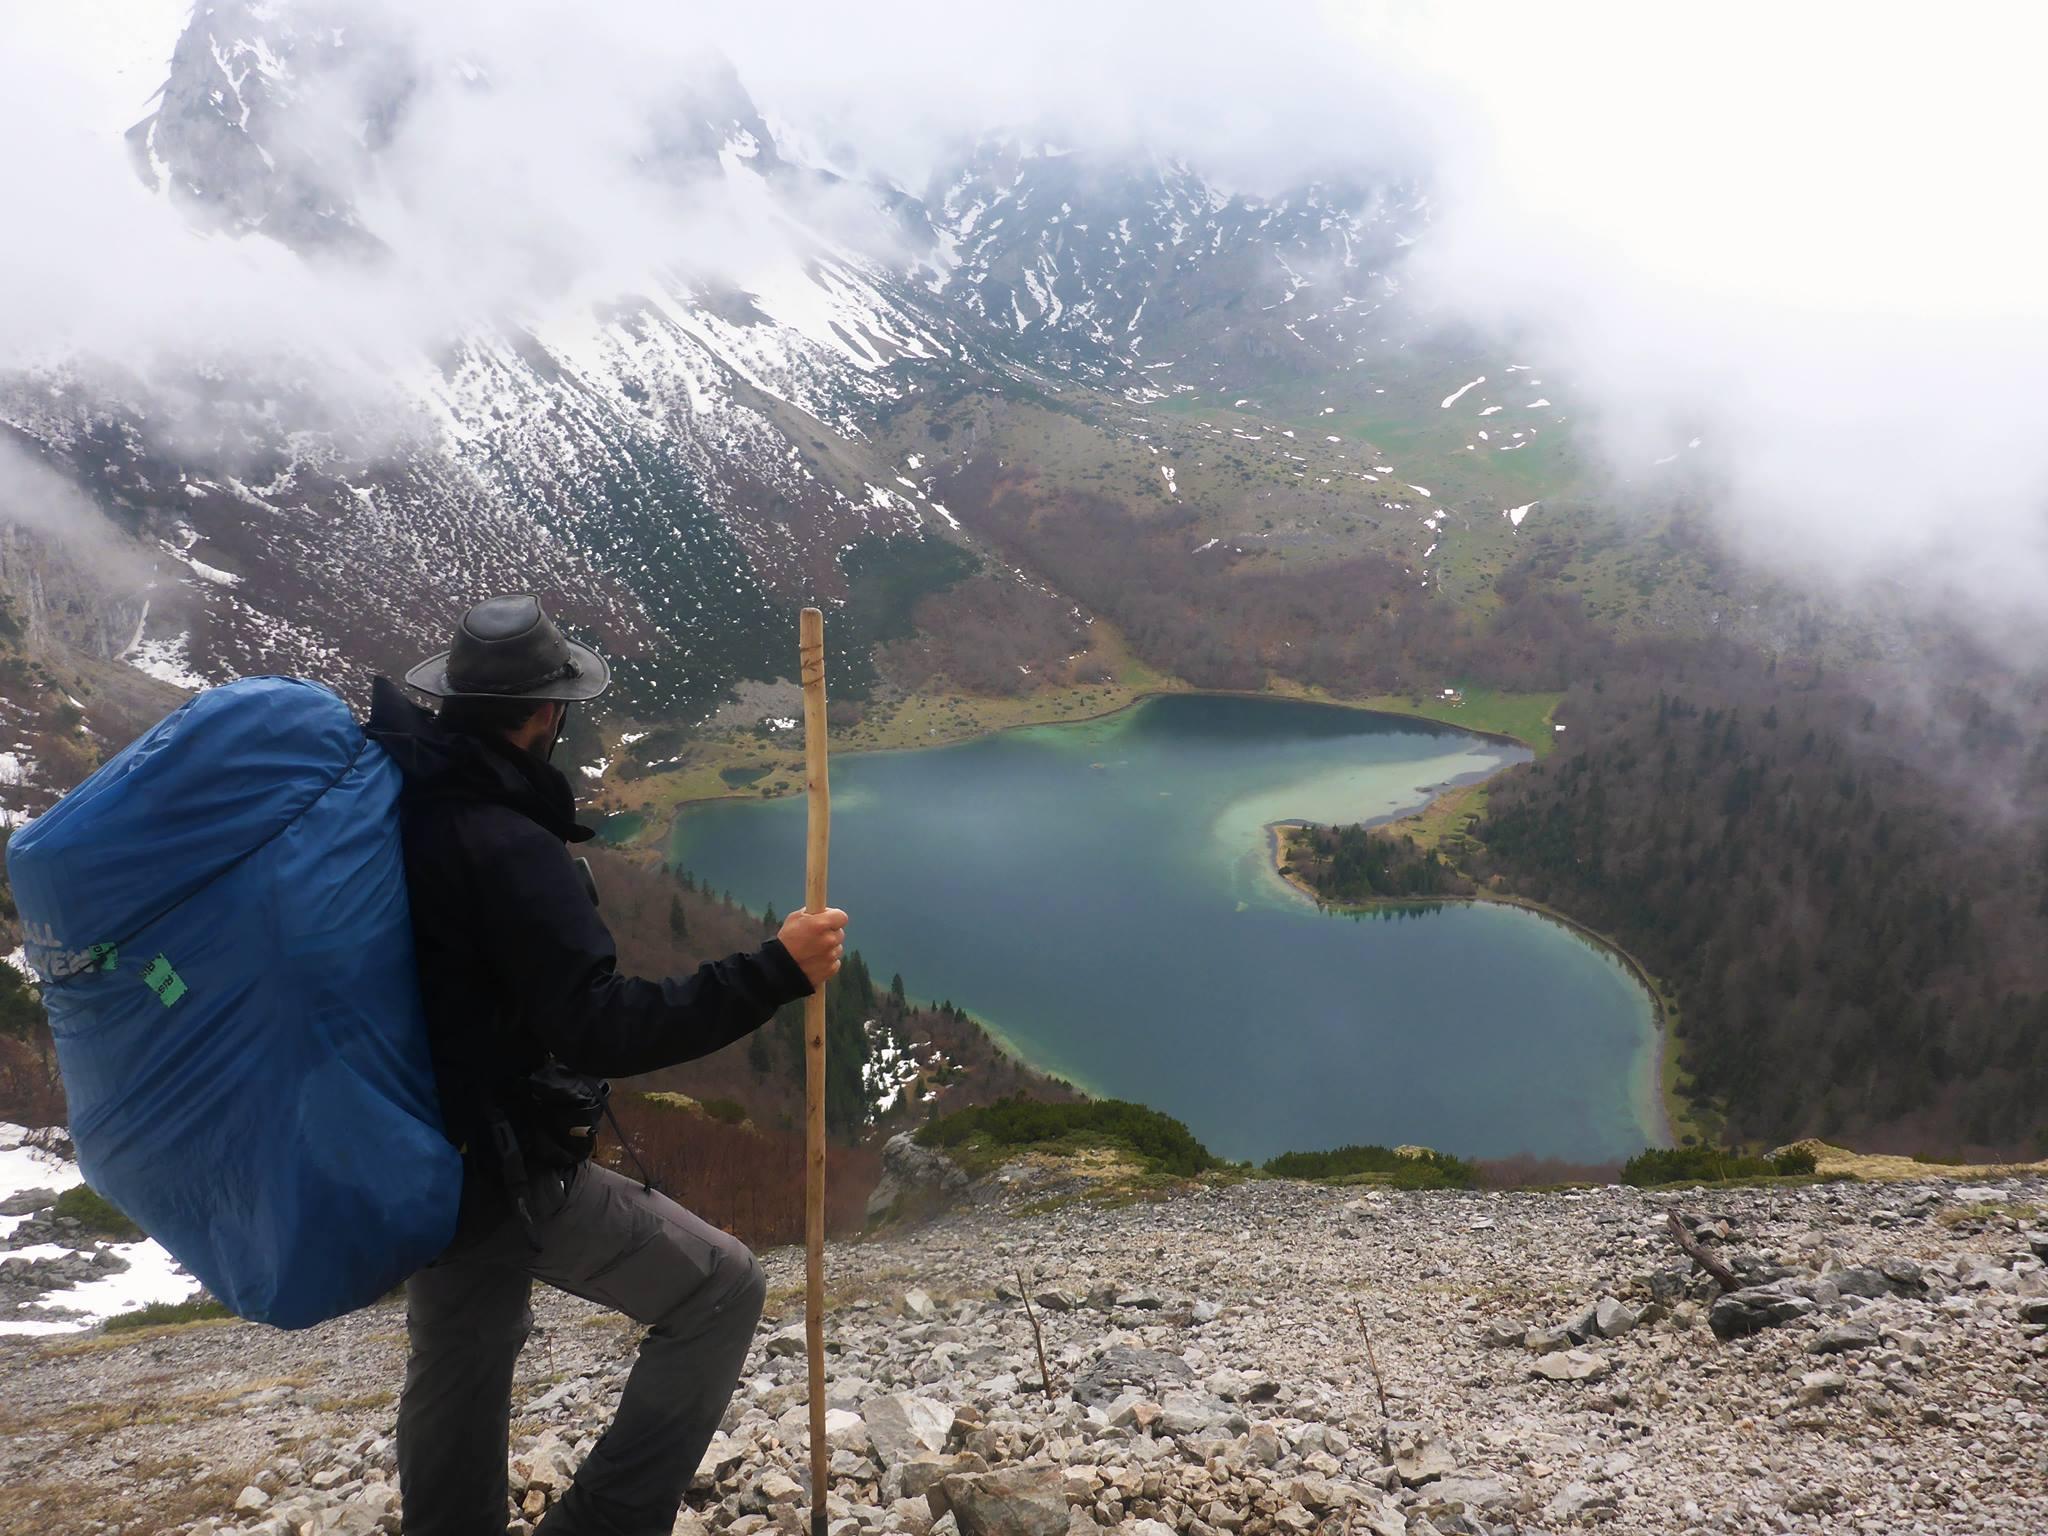 Sortant d'une longue descente à travers neige et pierriers la brume se lève soudainement et laisse apparaître le lac Trnovačko devant mes yeux